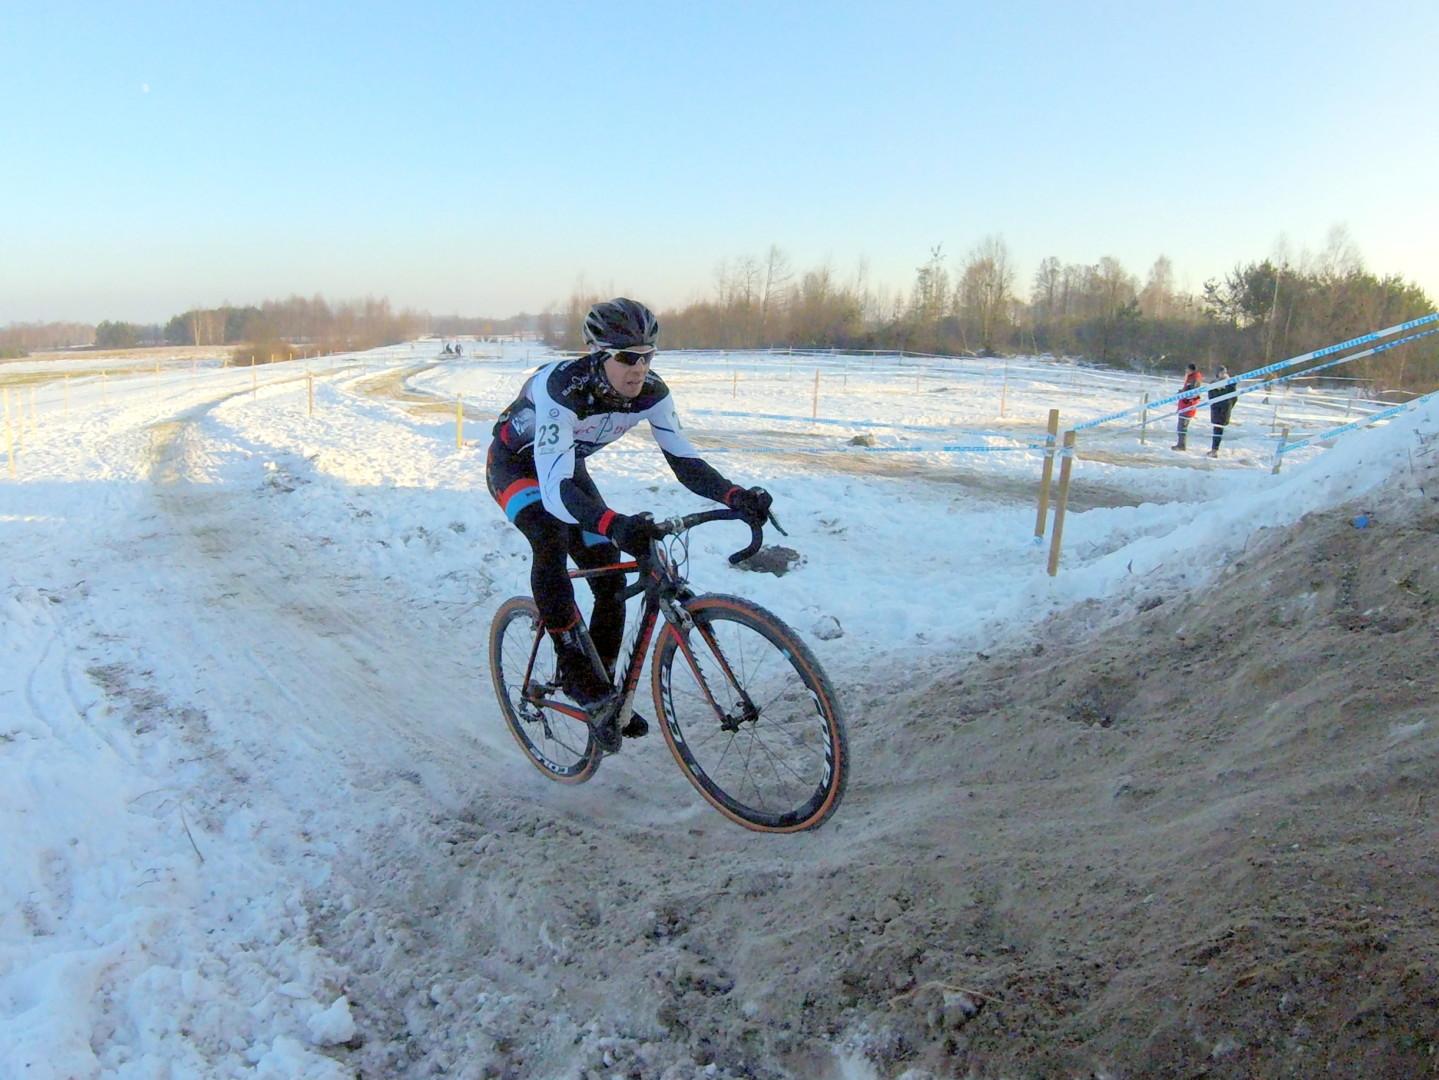 Mariusz Gil (Team Gil) – Mistrzostwa Polski CX, Sławno